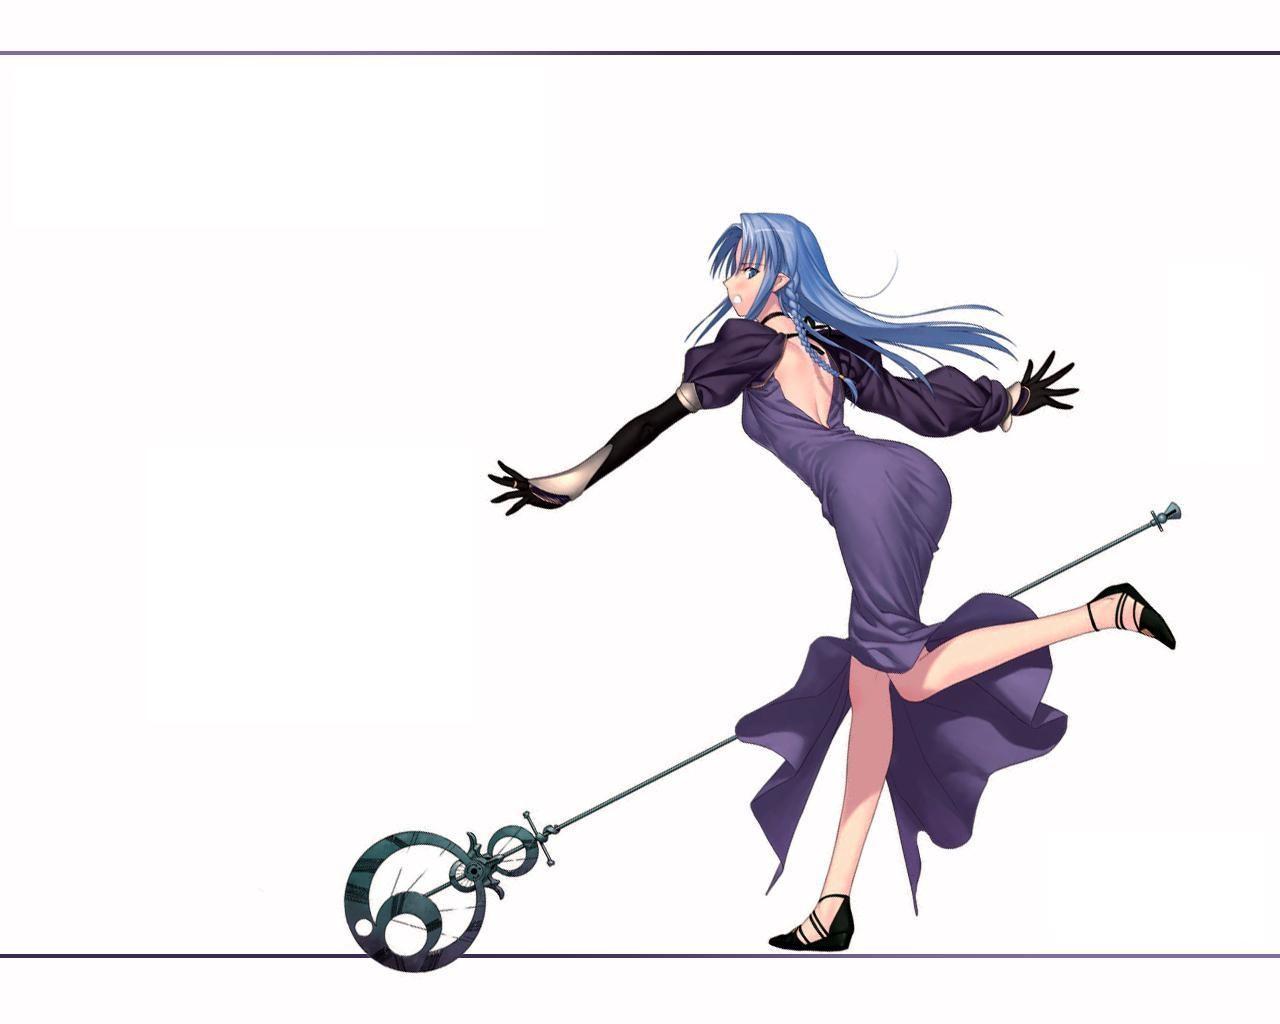 デスクトップ壁紙 図 アニメの女の子 漫画 運命の夜 フェイト